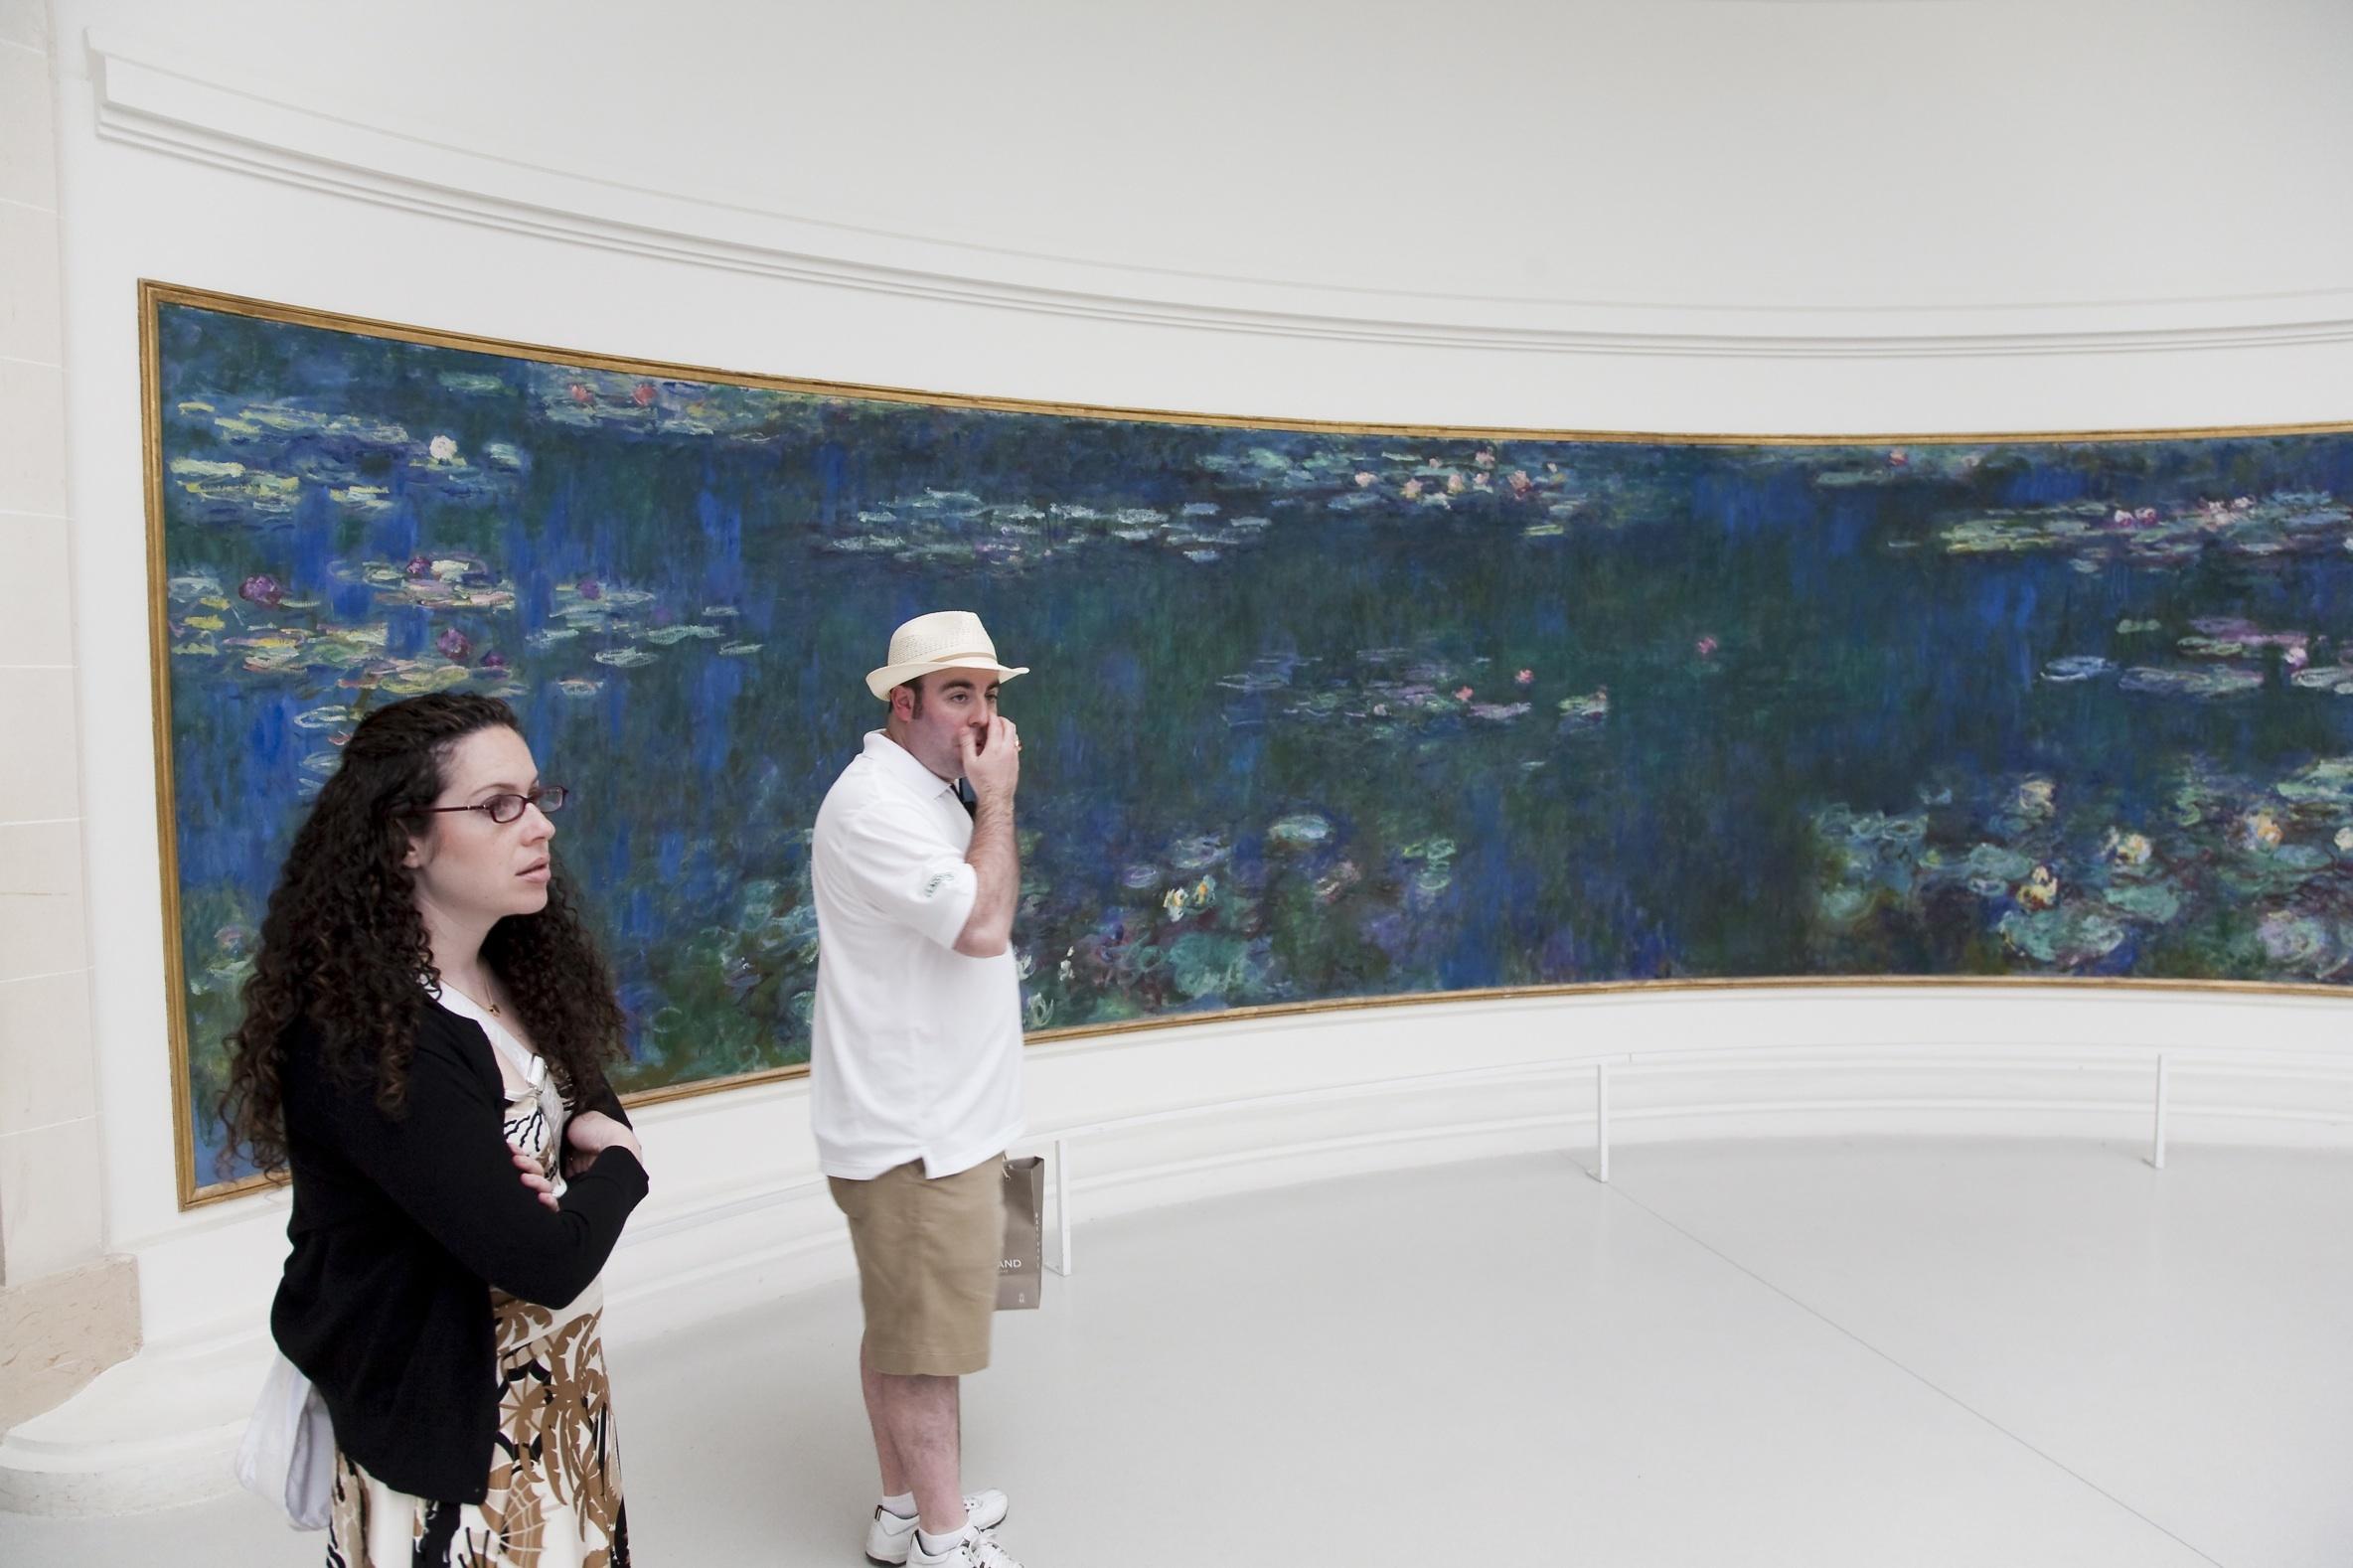 Un musée, une oeuvre •Musée de l'Orangerie, 'Les Nymphéas'